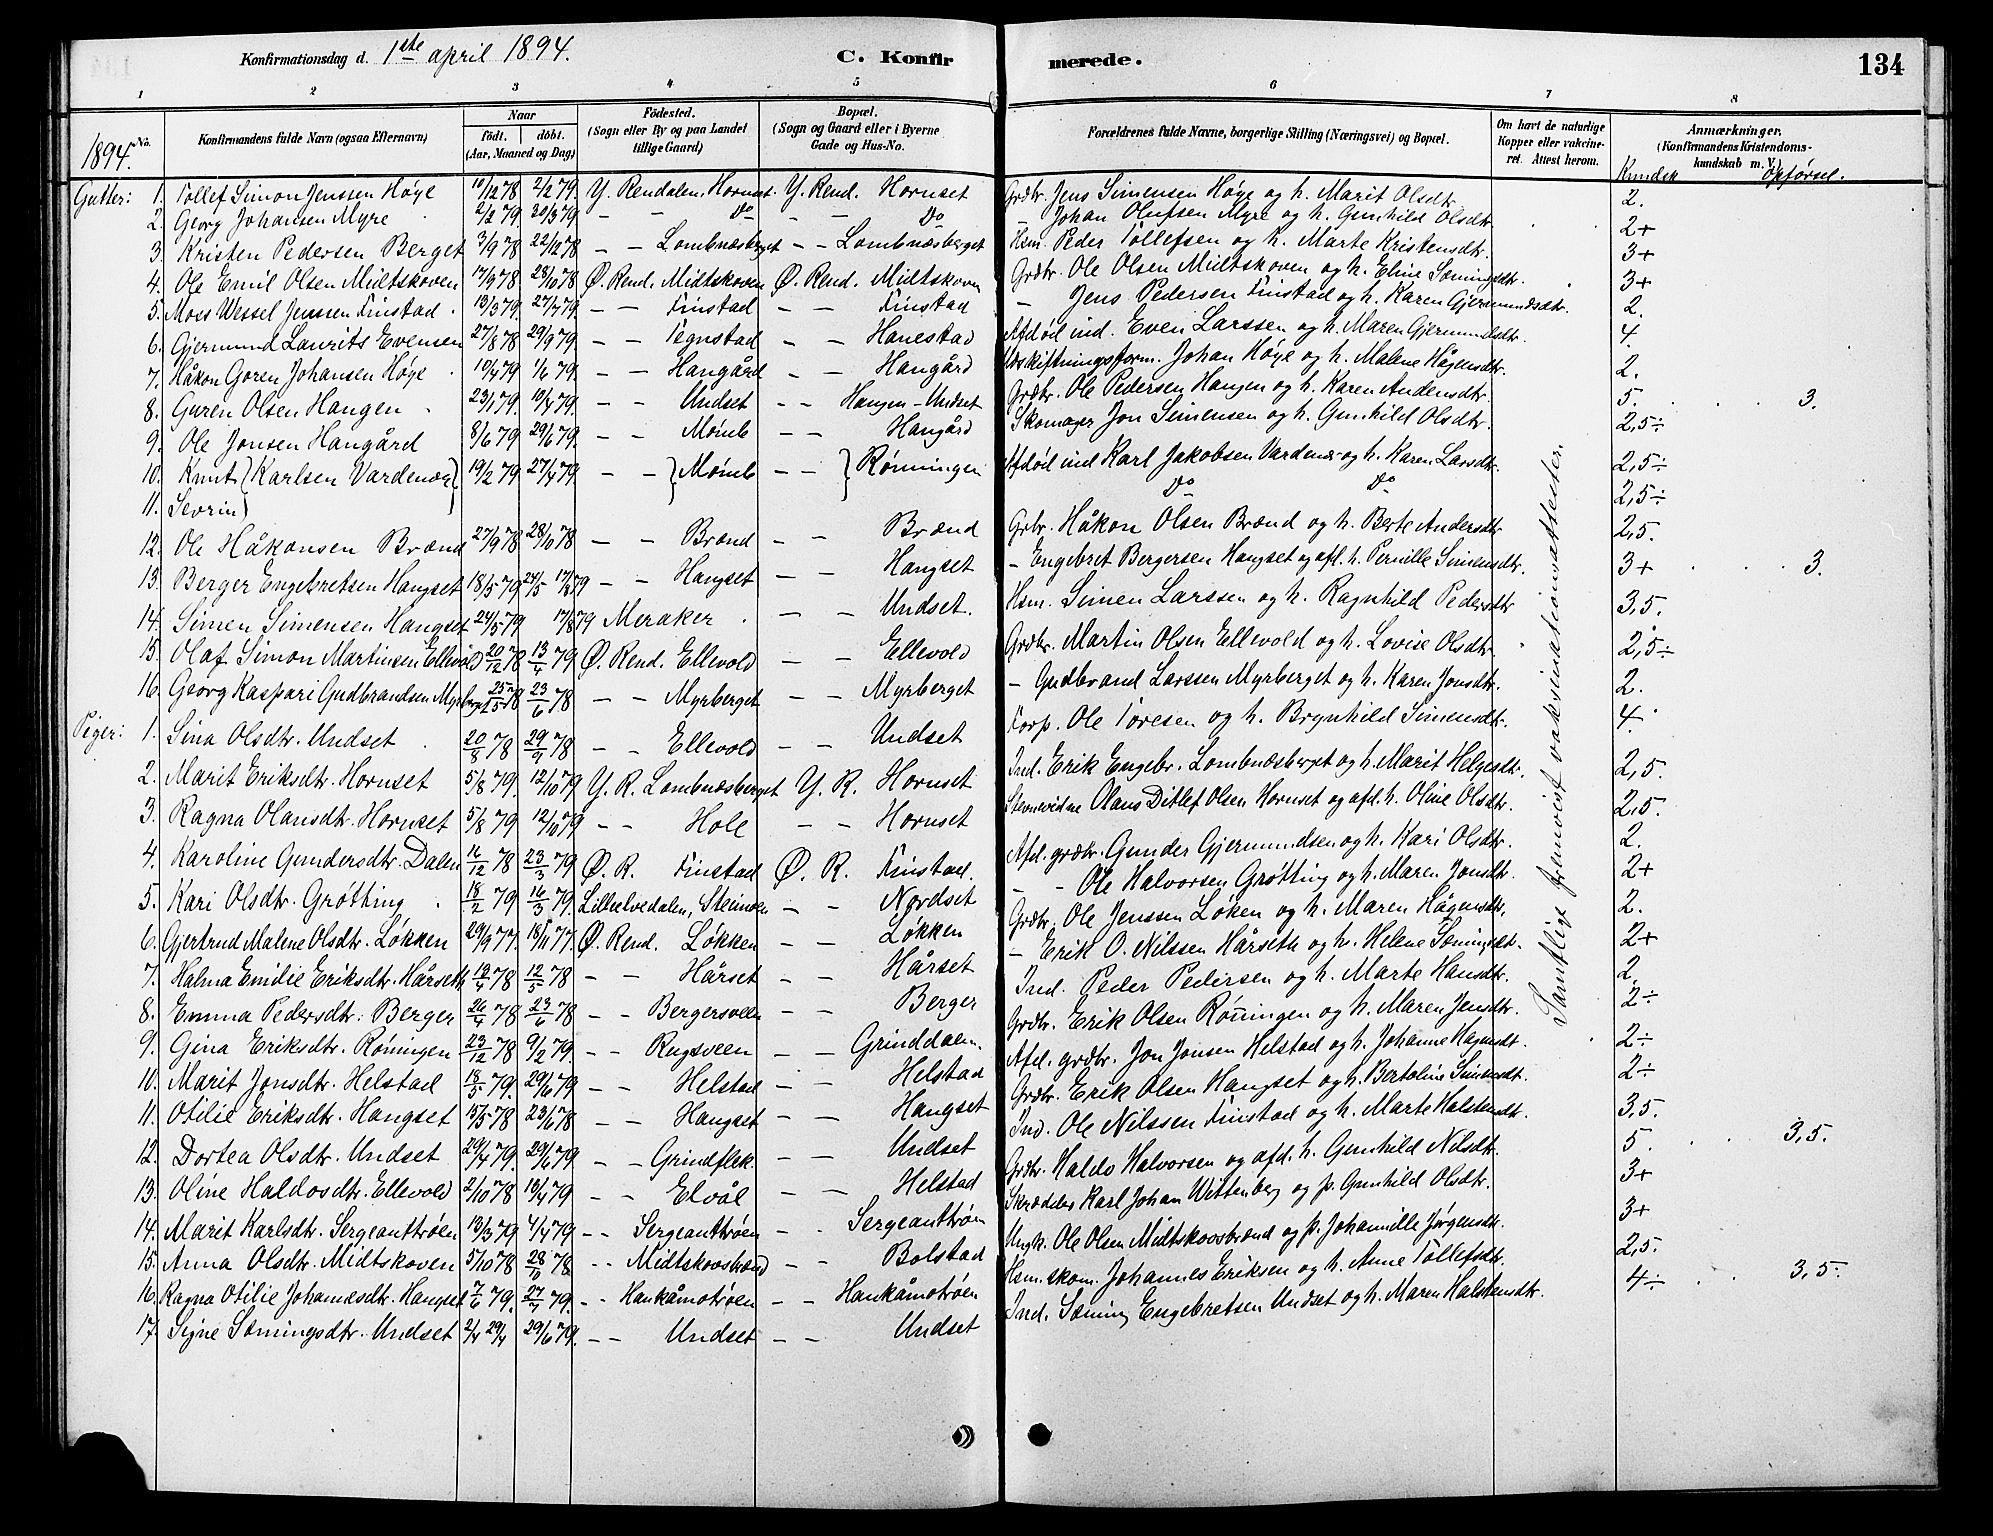 SAH, Rendalen prestekontor, H/Ha/Hab/L0003: Klokkerbok nr. 3, 1879-1904, s. 134